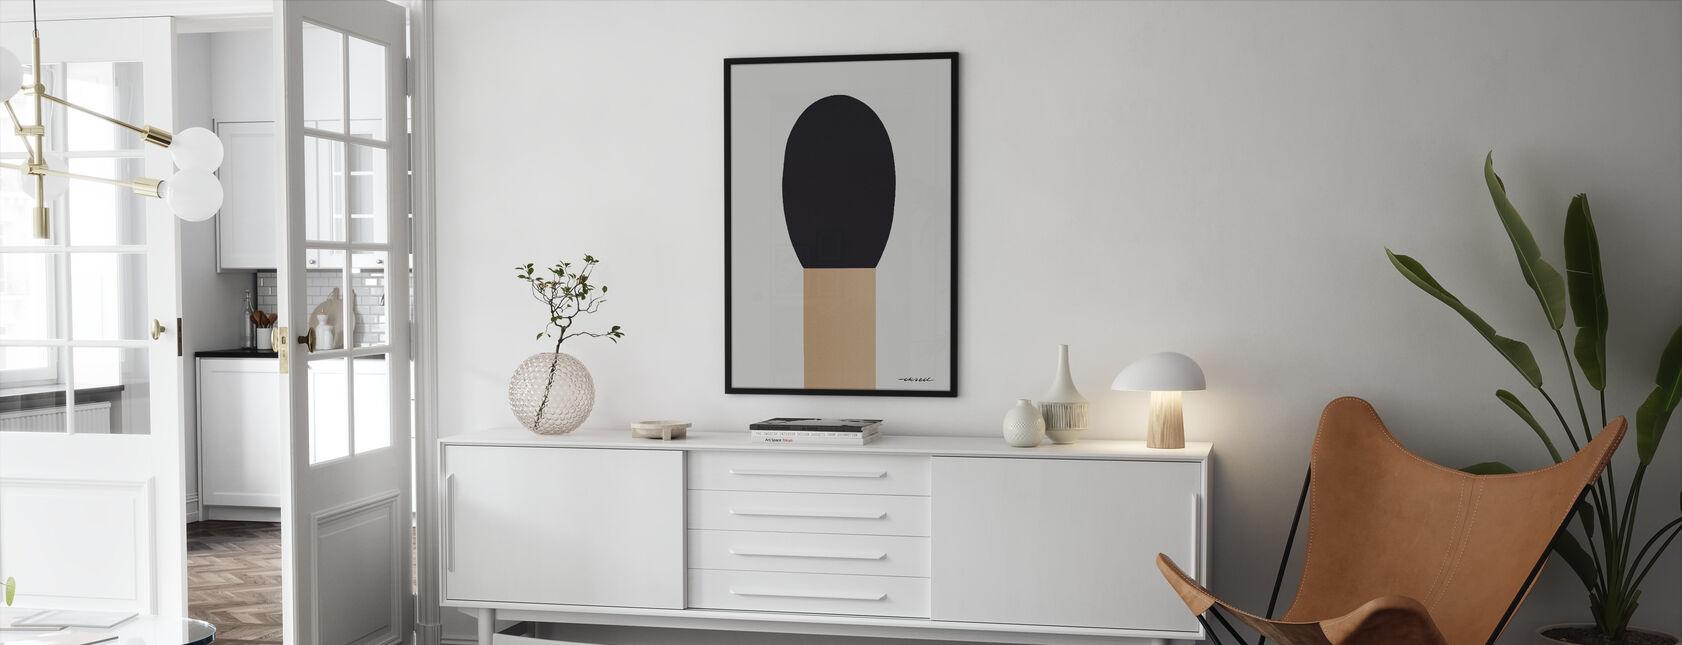 Match - Framed print - Living Room